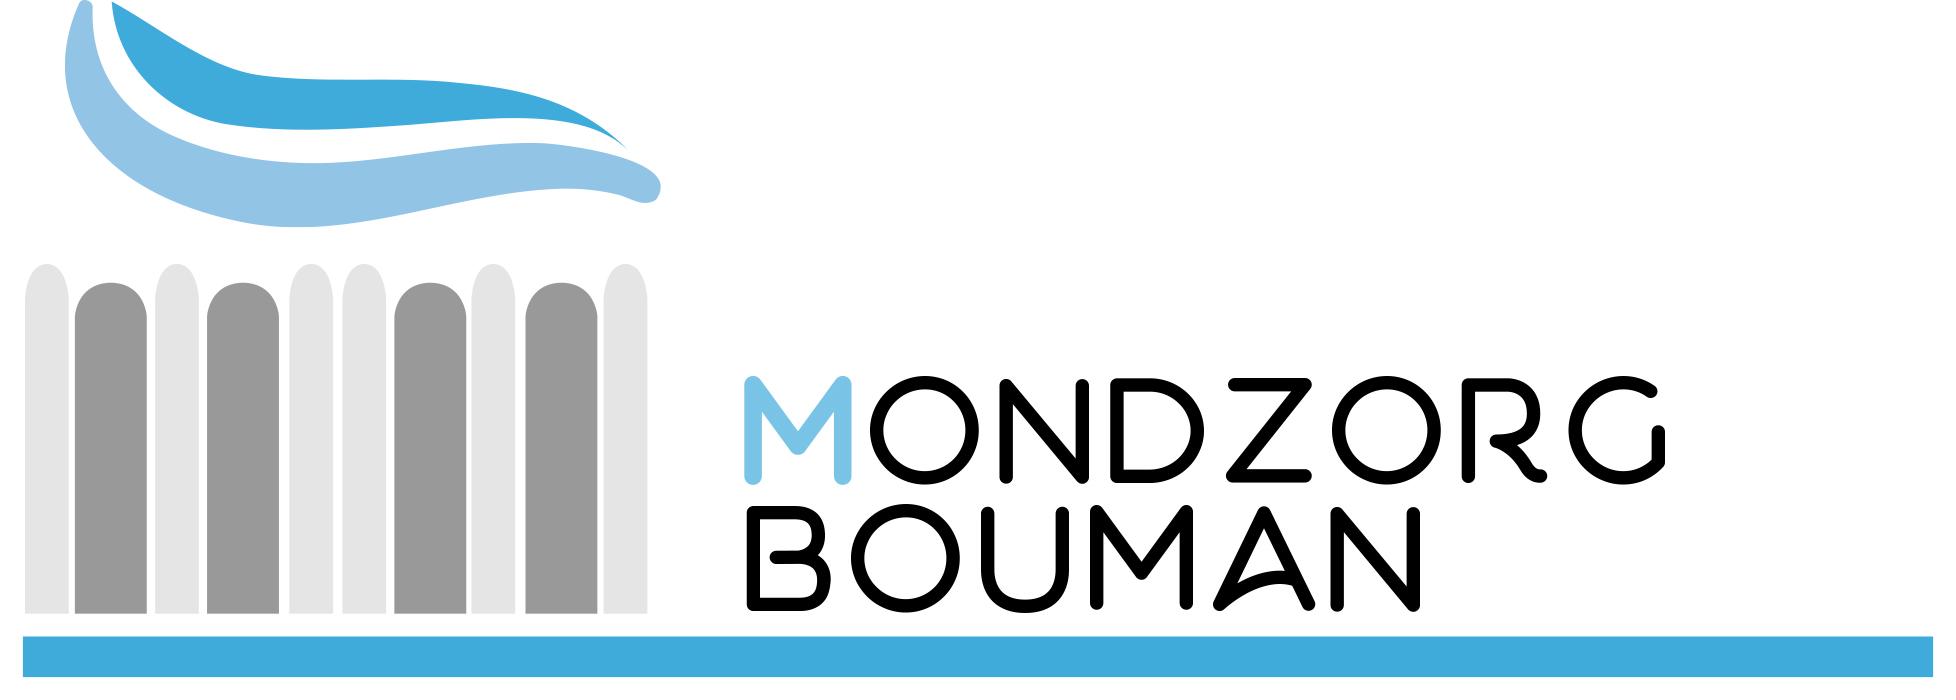 Mondzorg Bouman